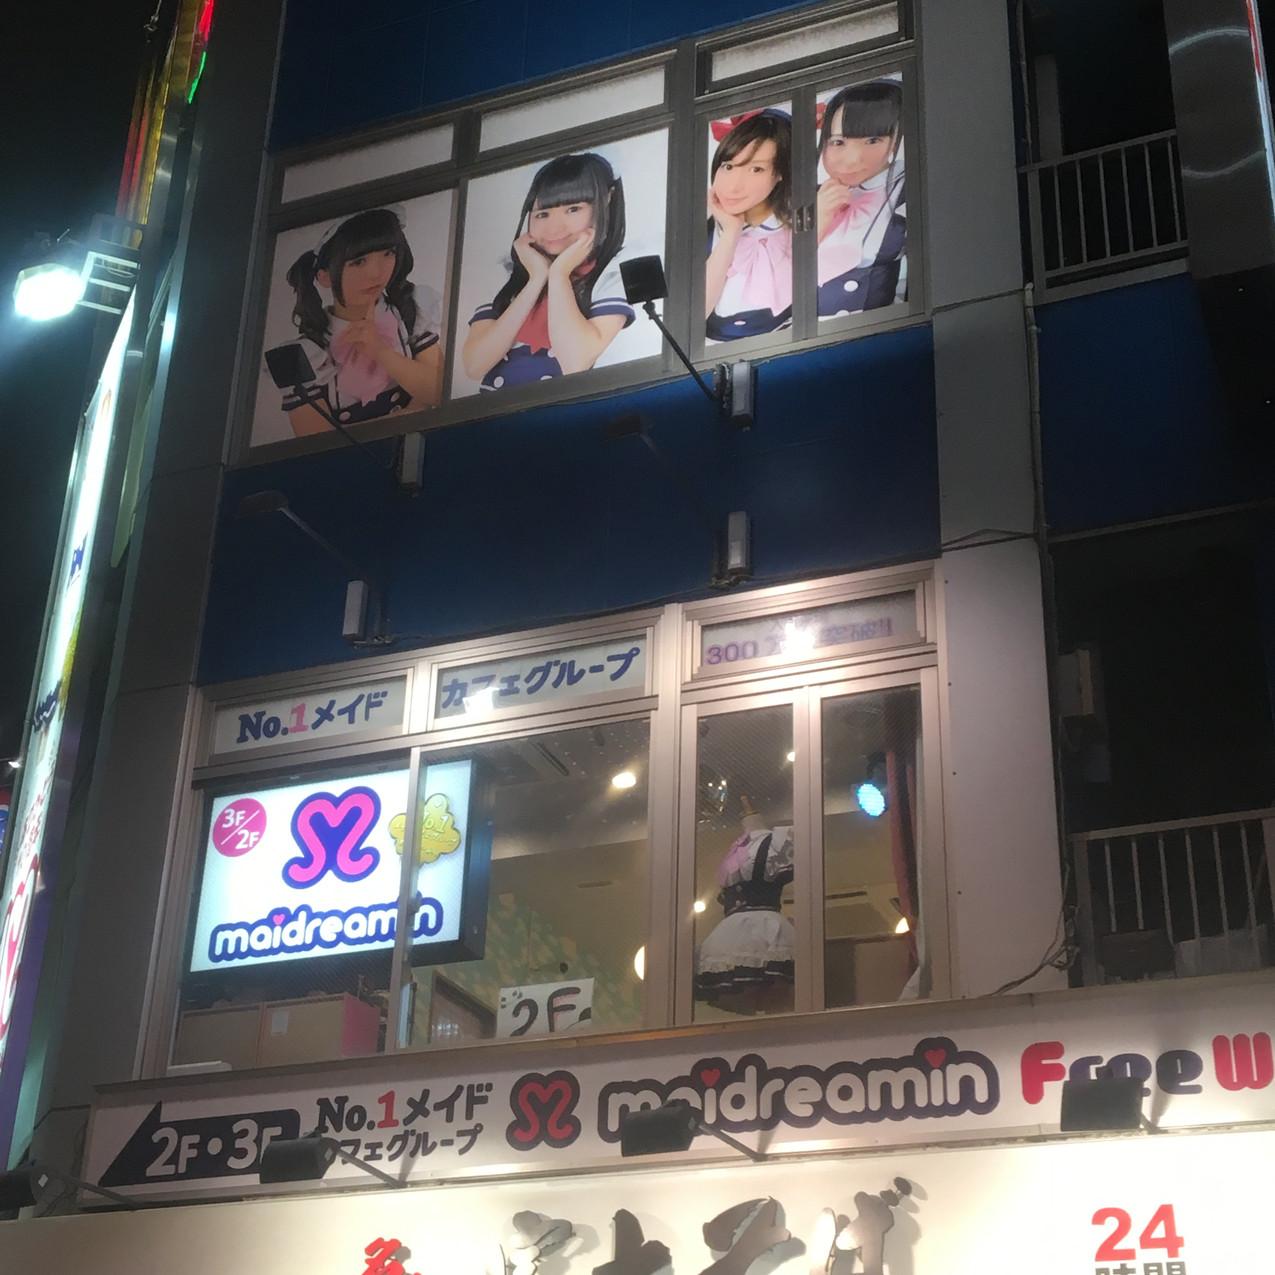 Maid Cafes in Akihabara, Tokyo